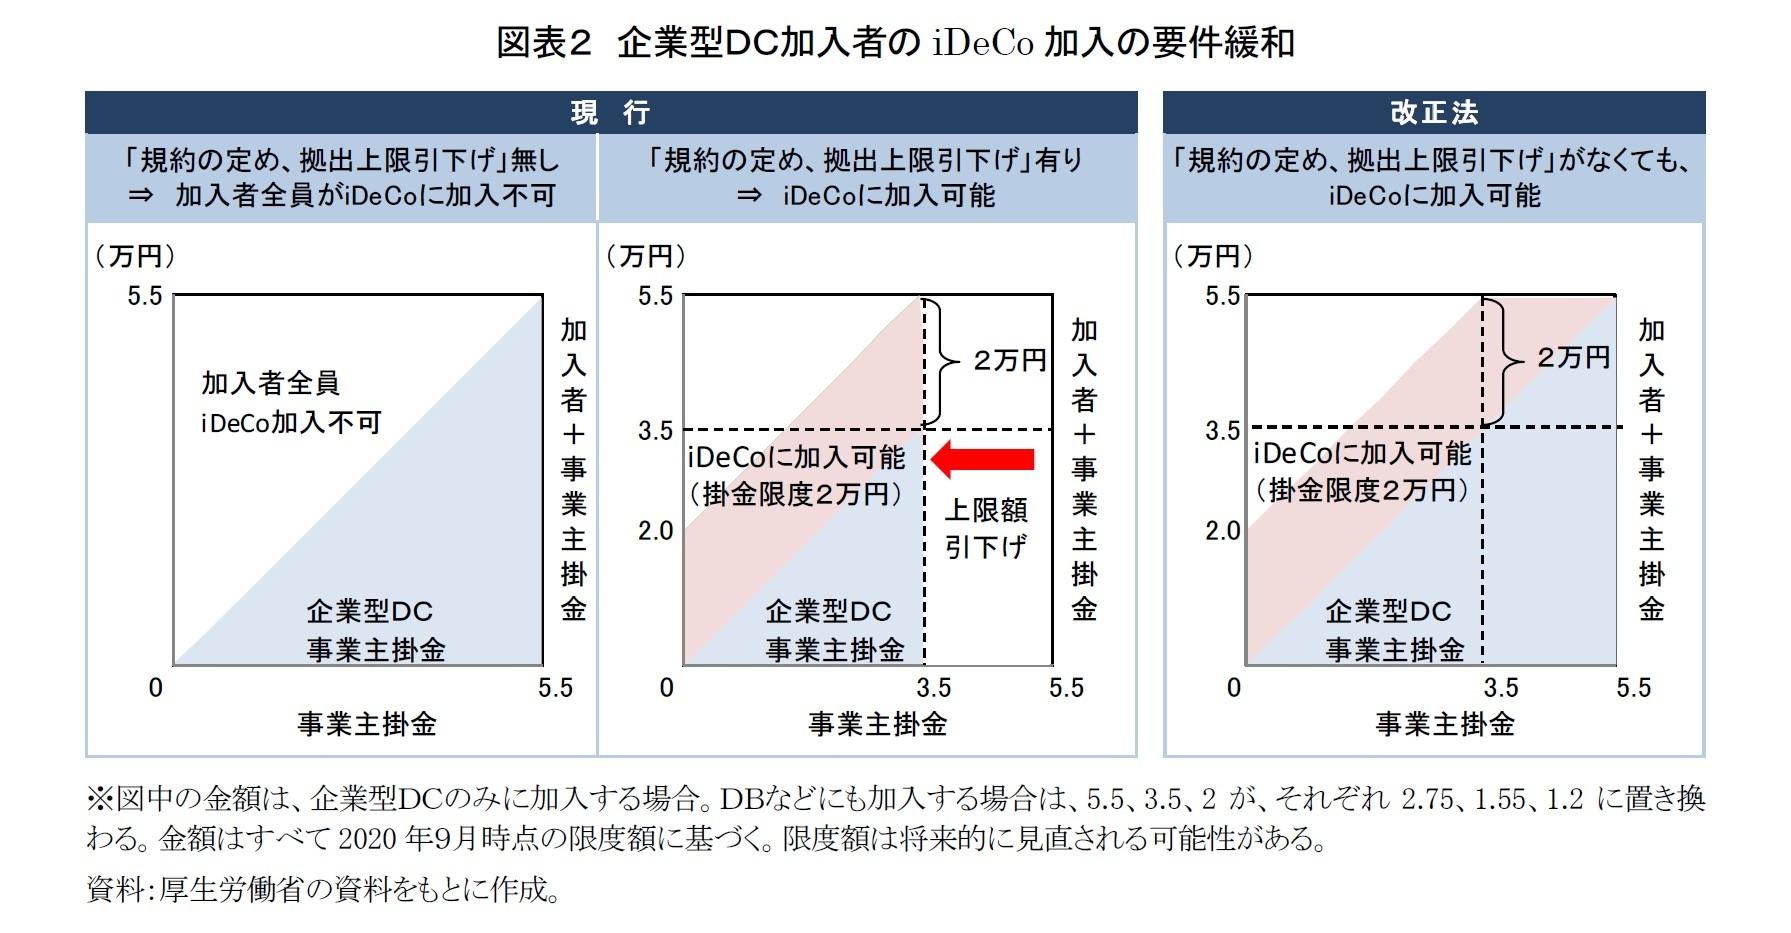 図表2 企業型DC加入者のiDeCo加入の要件緩和